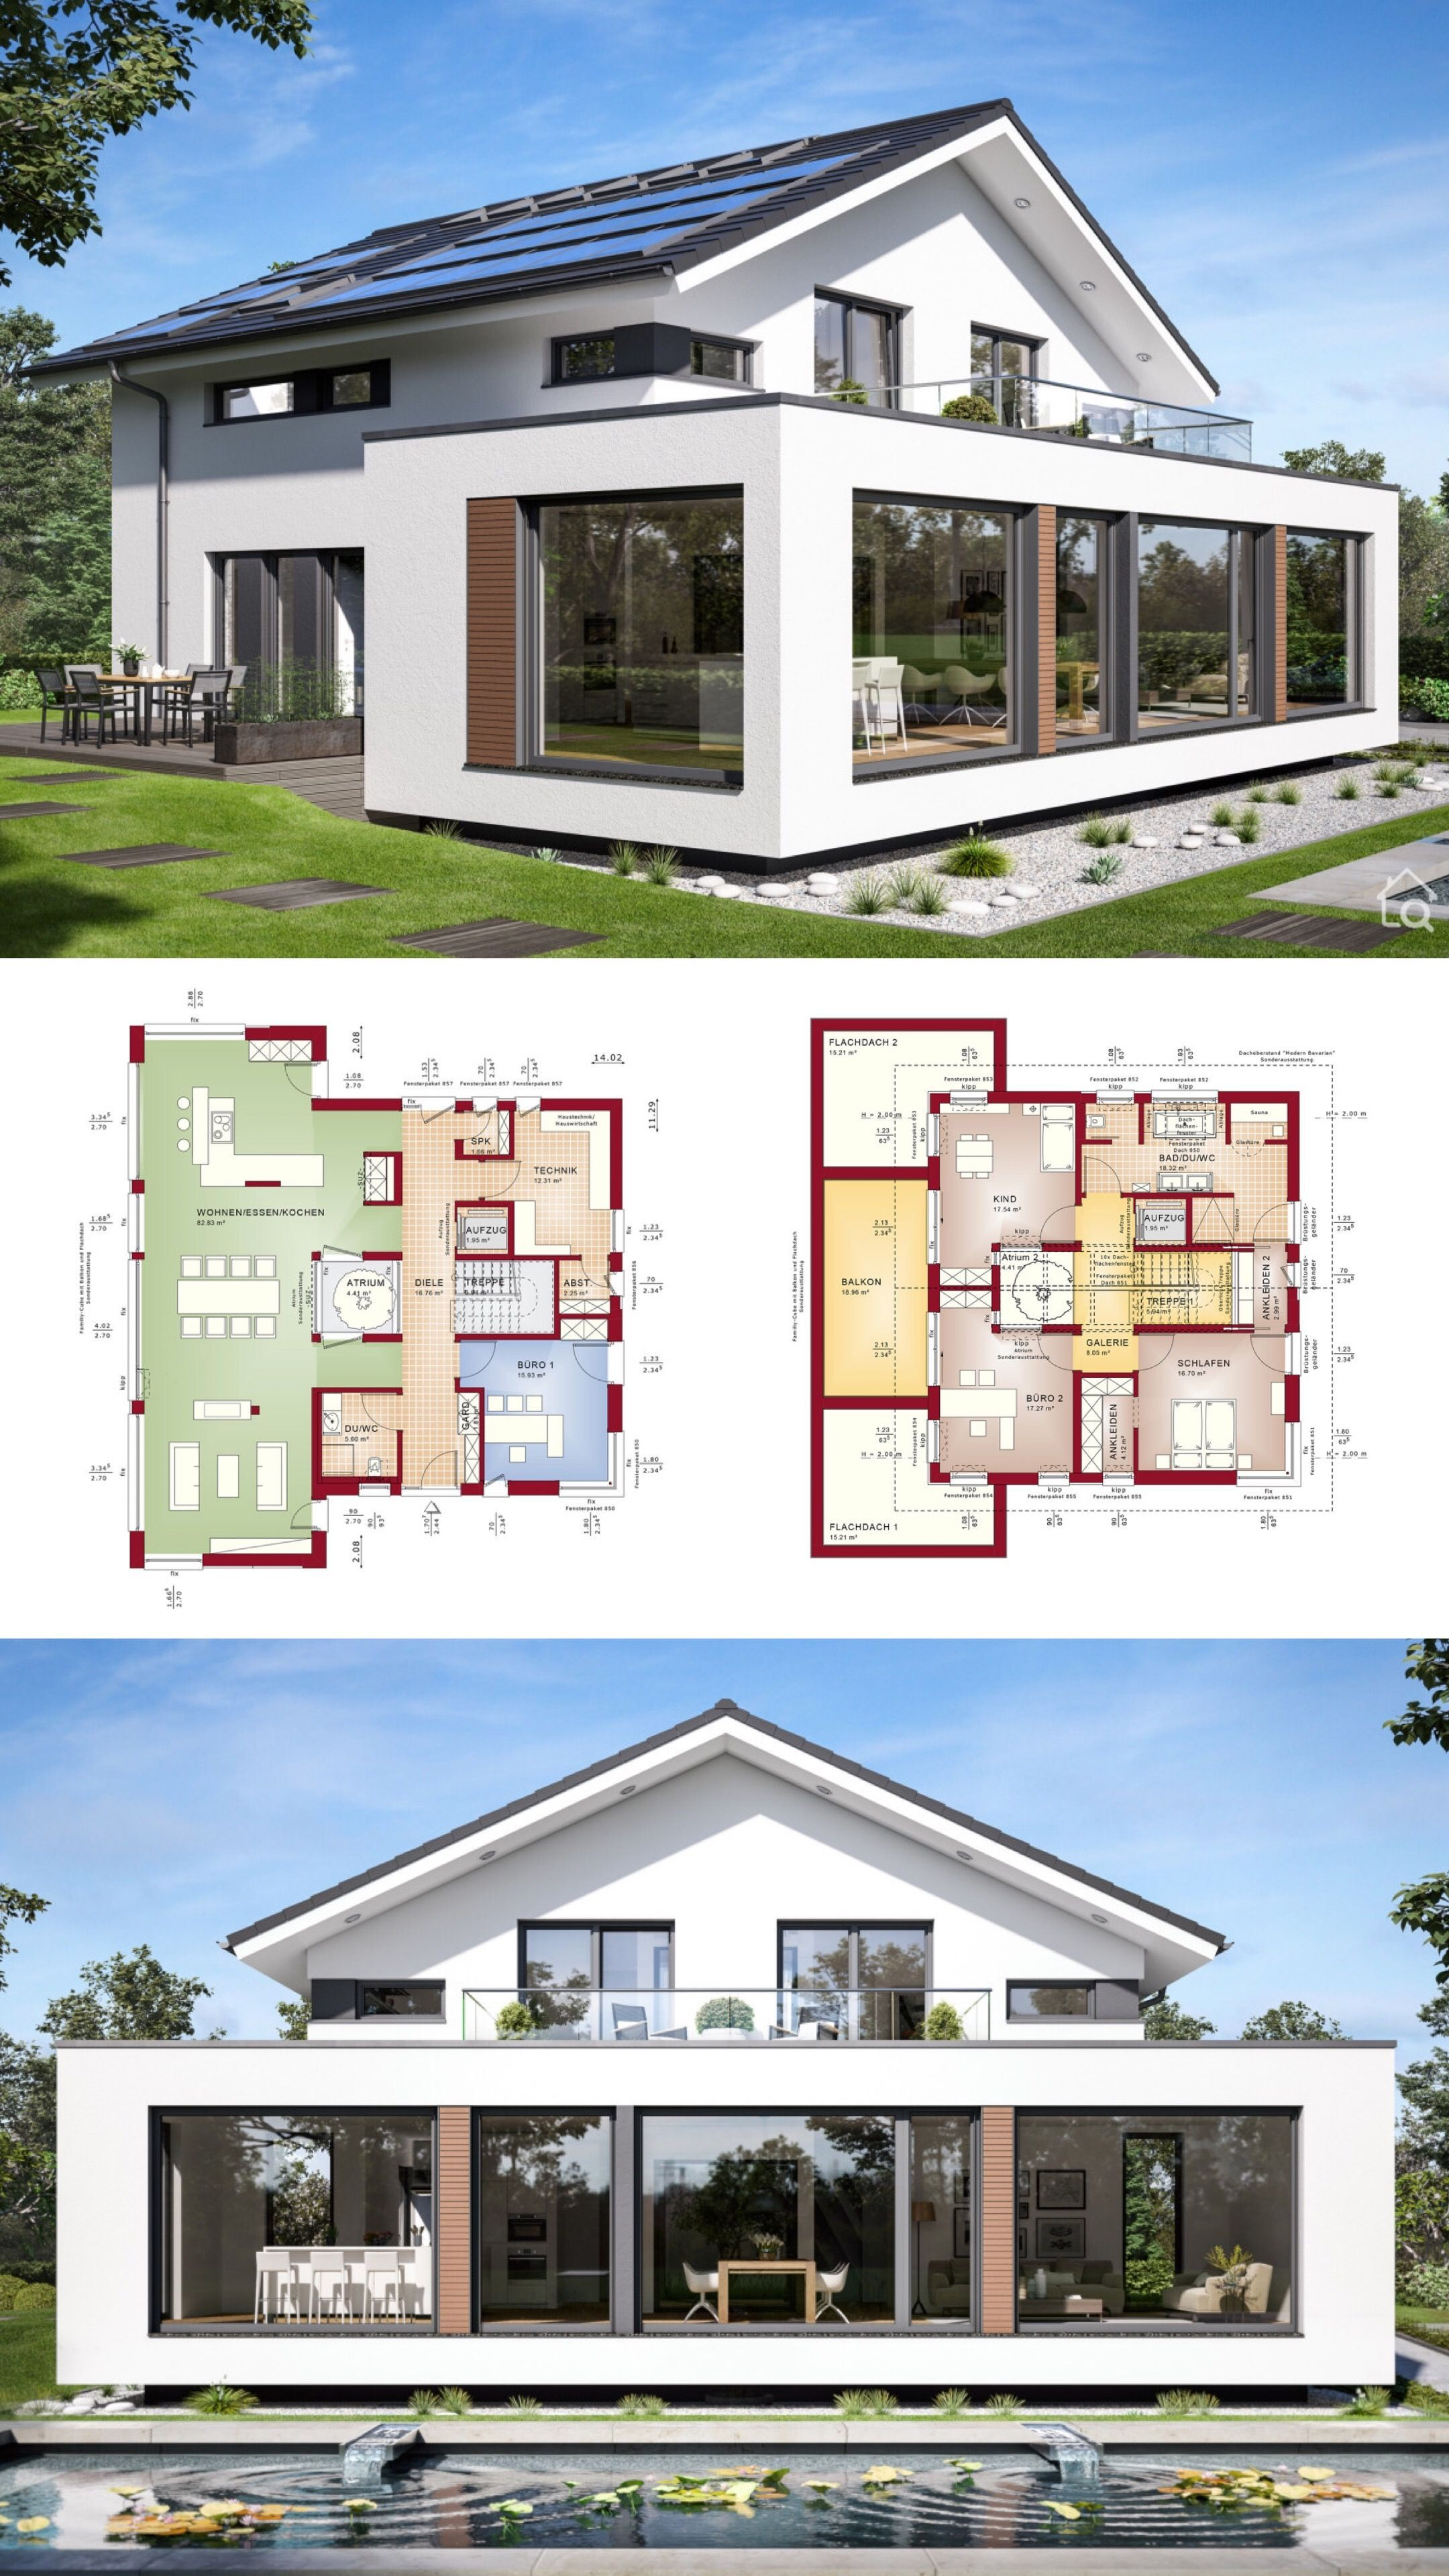 Einfamilienhaus Architektur Modern Mit Satteldach Patio Galerie Grundriss Offen 5 Zimmer 250 Qm Gross Aufzug Haus Architektur Architektur Haus Haus Plane